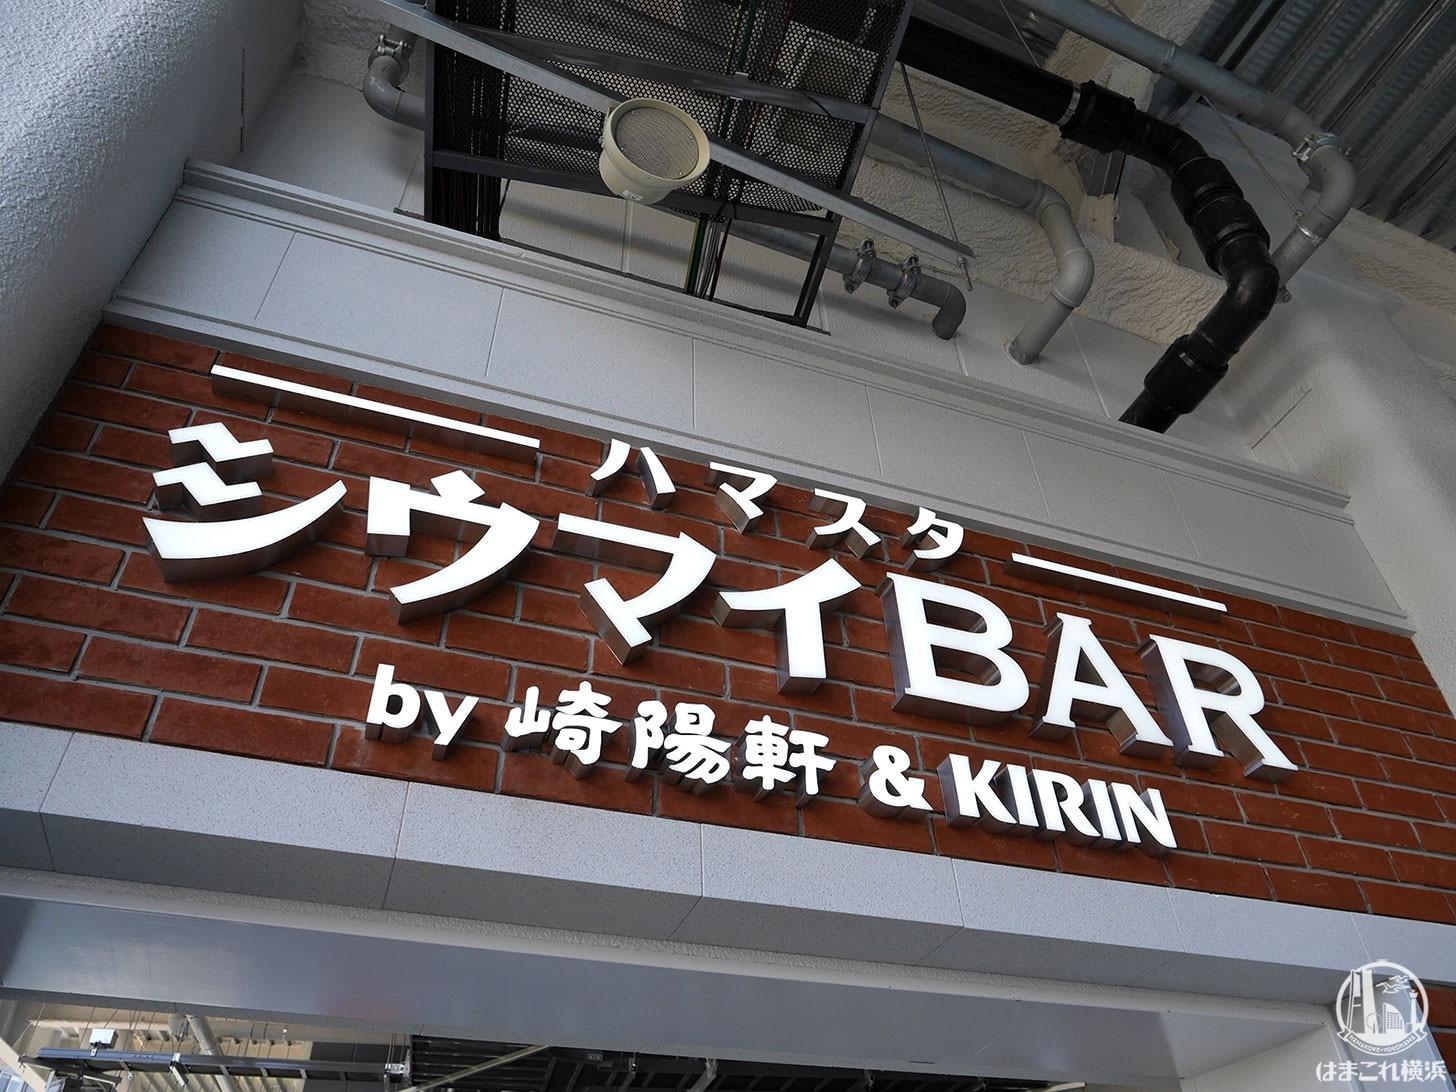 崎陽軒 シウマイバル、横浜スタジアム新設「ウイング席」ライトスタンド側にオープン